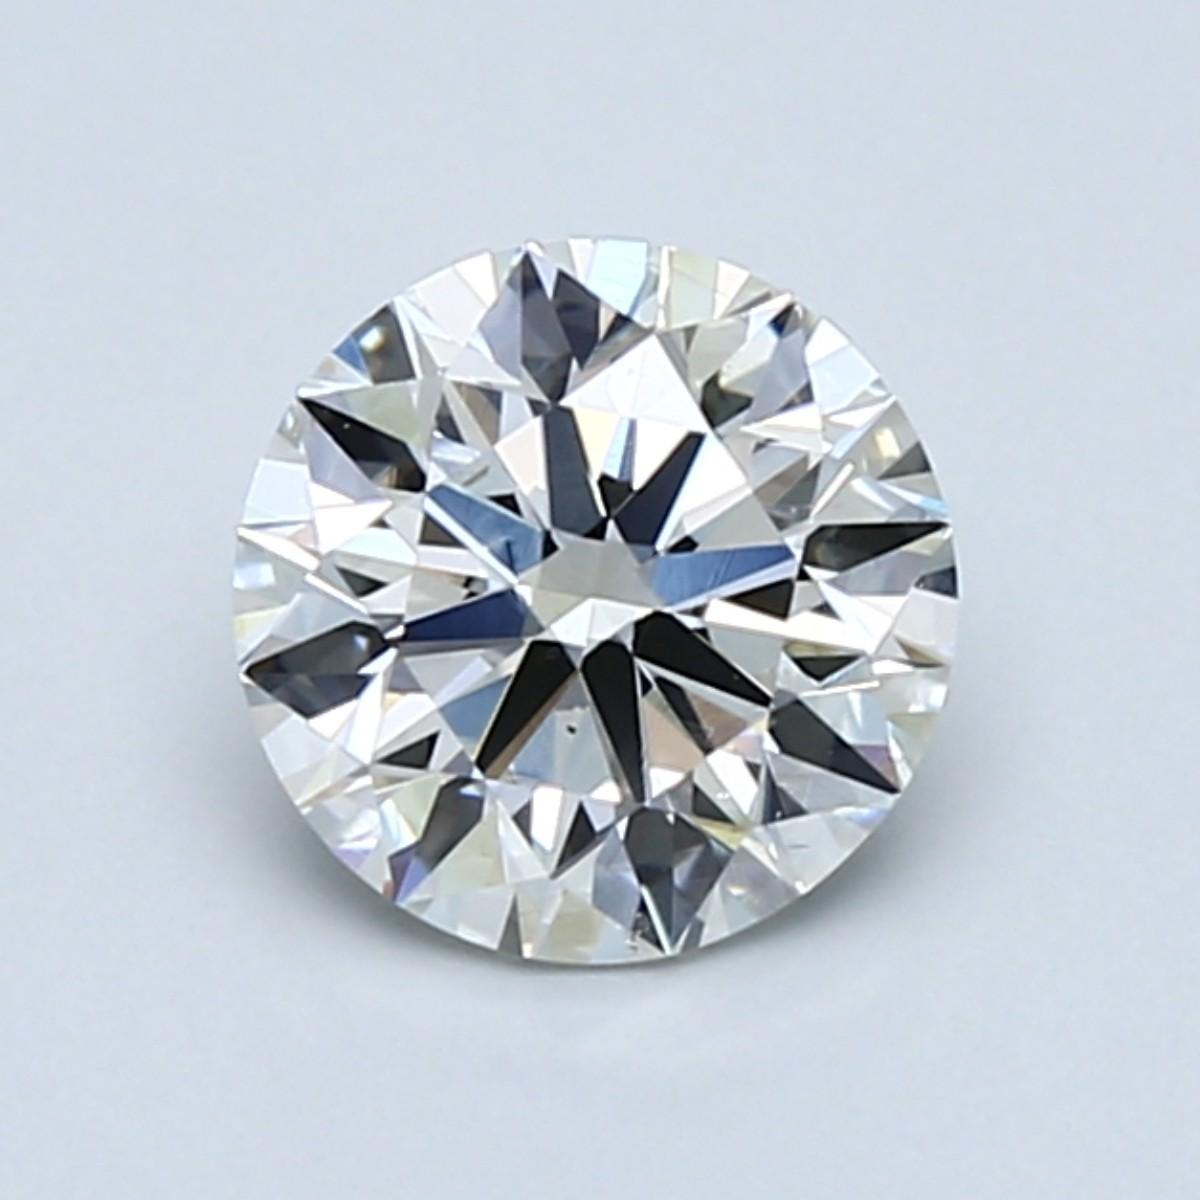 1.8 carat D color diamond